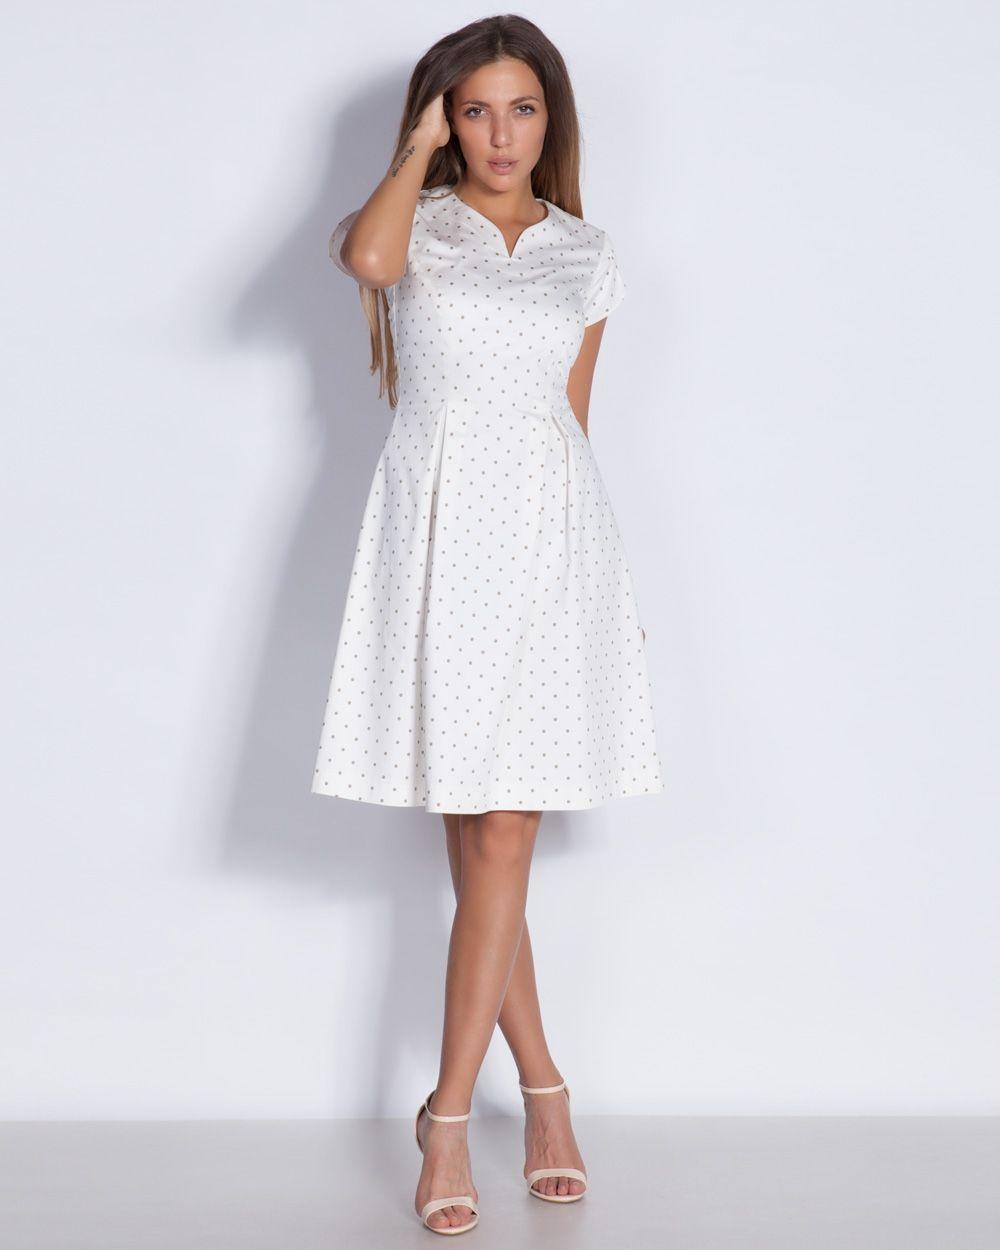 5e1897d98ba Дамска рокля в бяло на точици - Cuba #онлайн #пазаруване #дрехи #рокля # разкроена #късръкав #бяла #черниточки